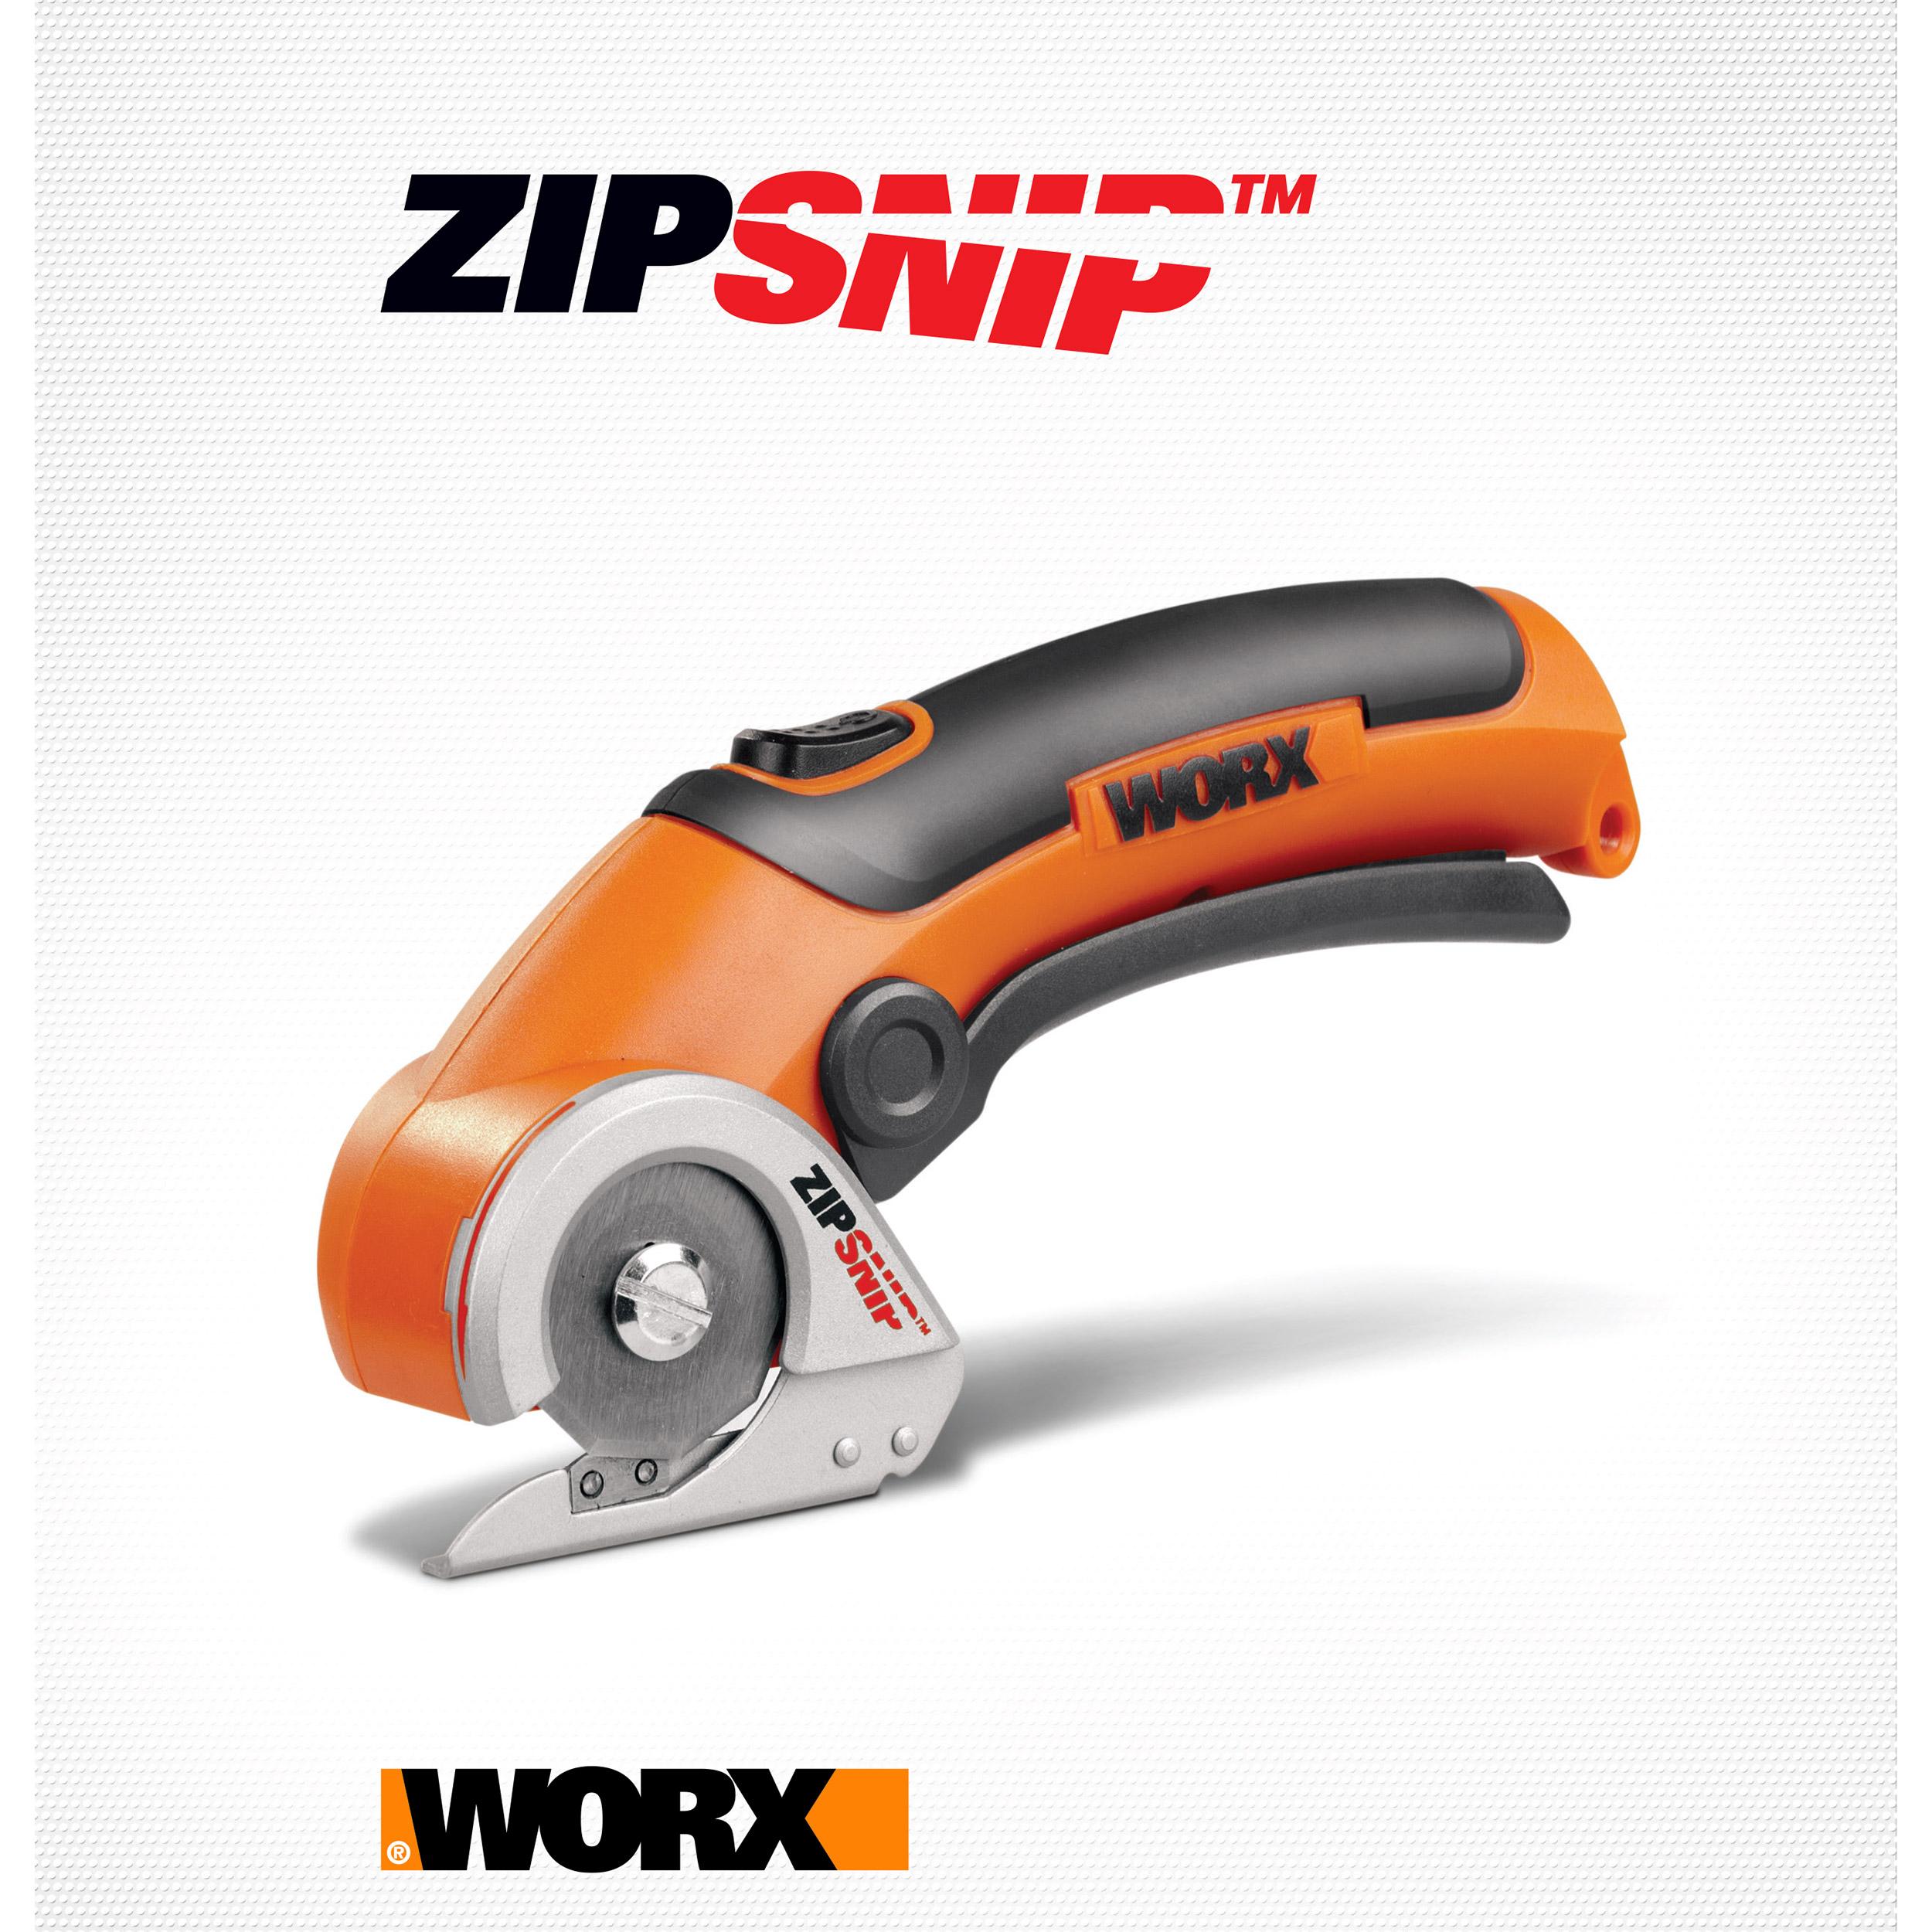 Zip Snip